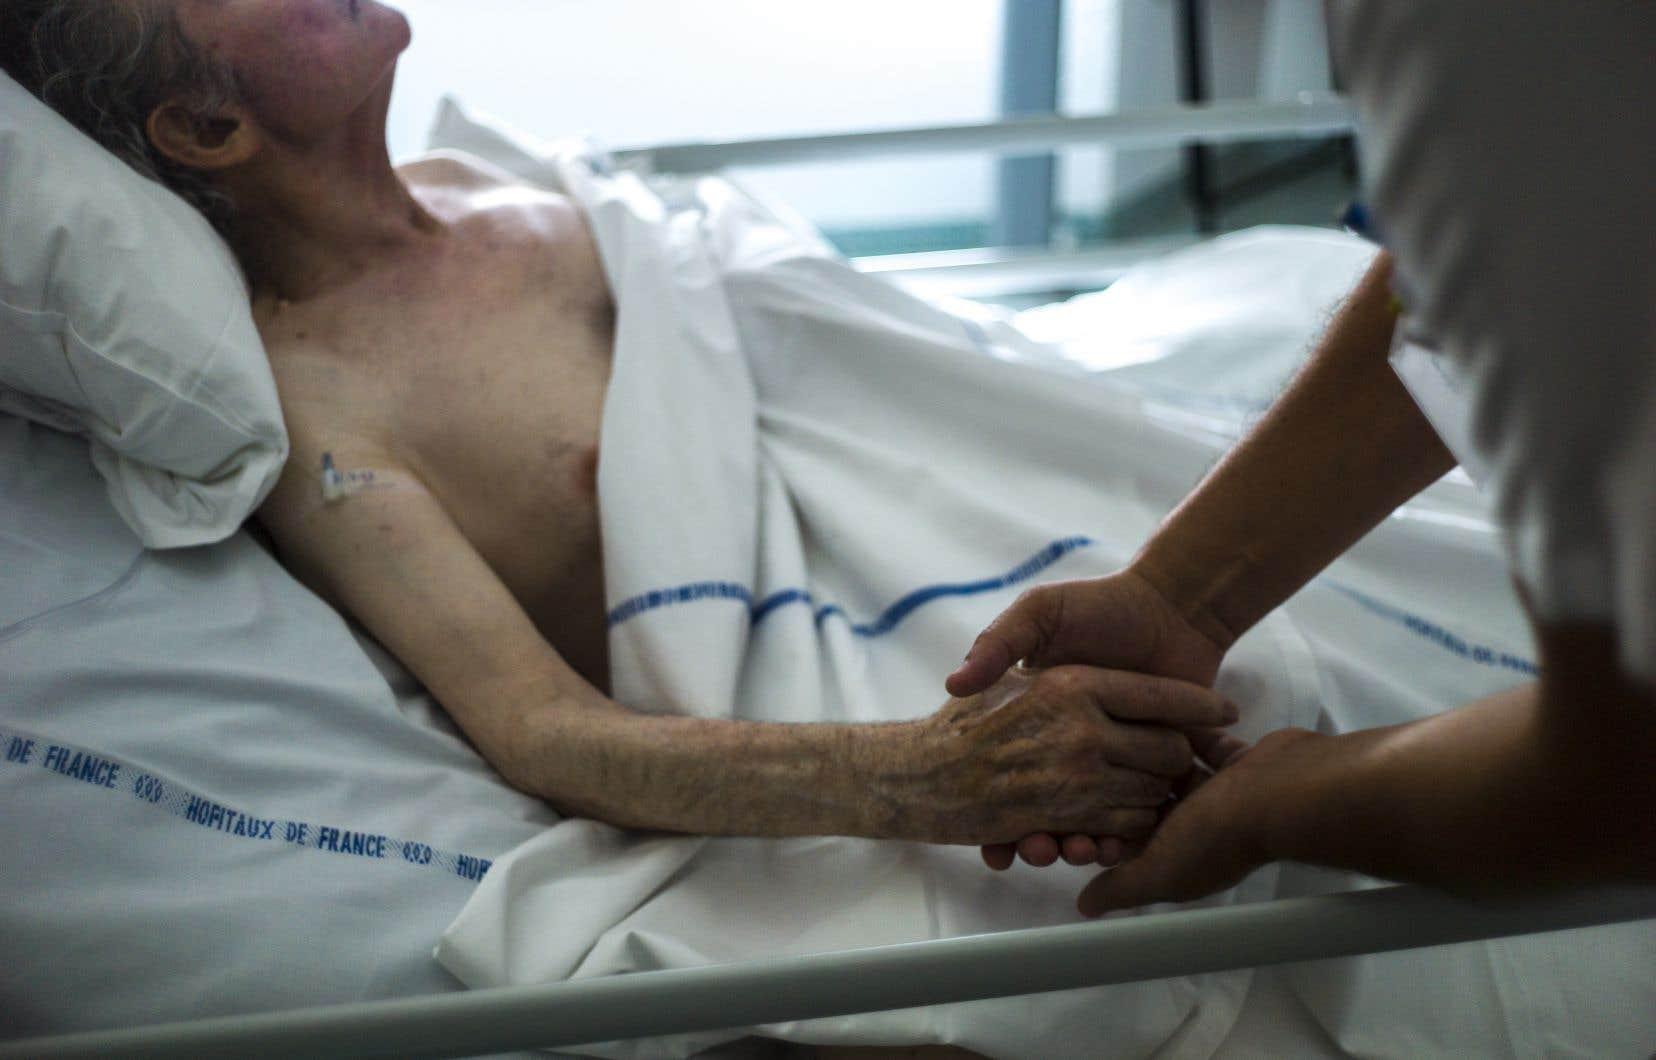 Au Québec, l'aide médicale à mourir est déjà prodiguée depuis plusieurs années et la loi oblige déjà les médecins à remplir un formulaire — ne demandant aucun renseignement sur l'identité du médecin ou du patient, excepté sa date de naissance.